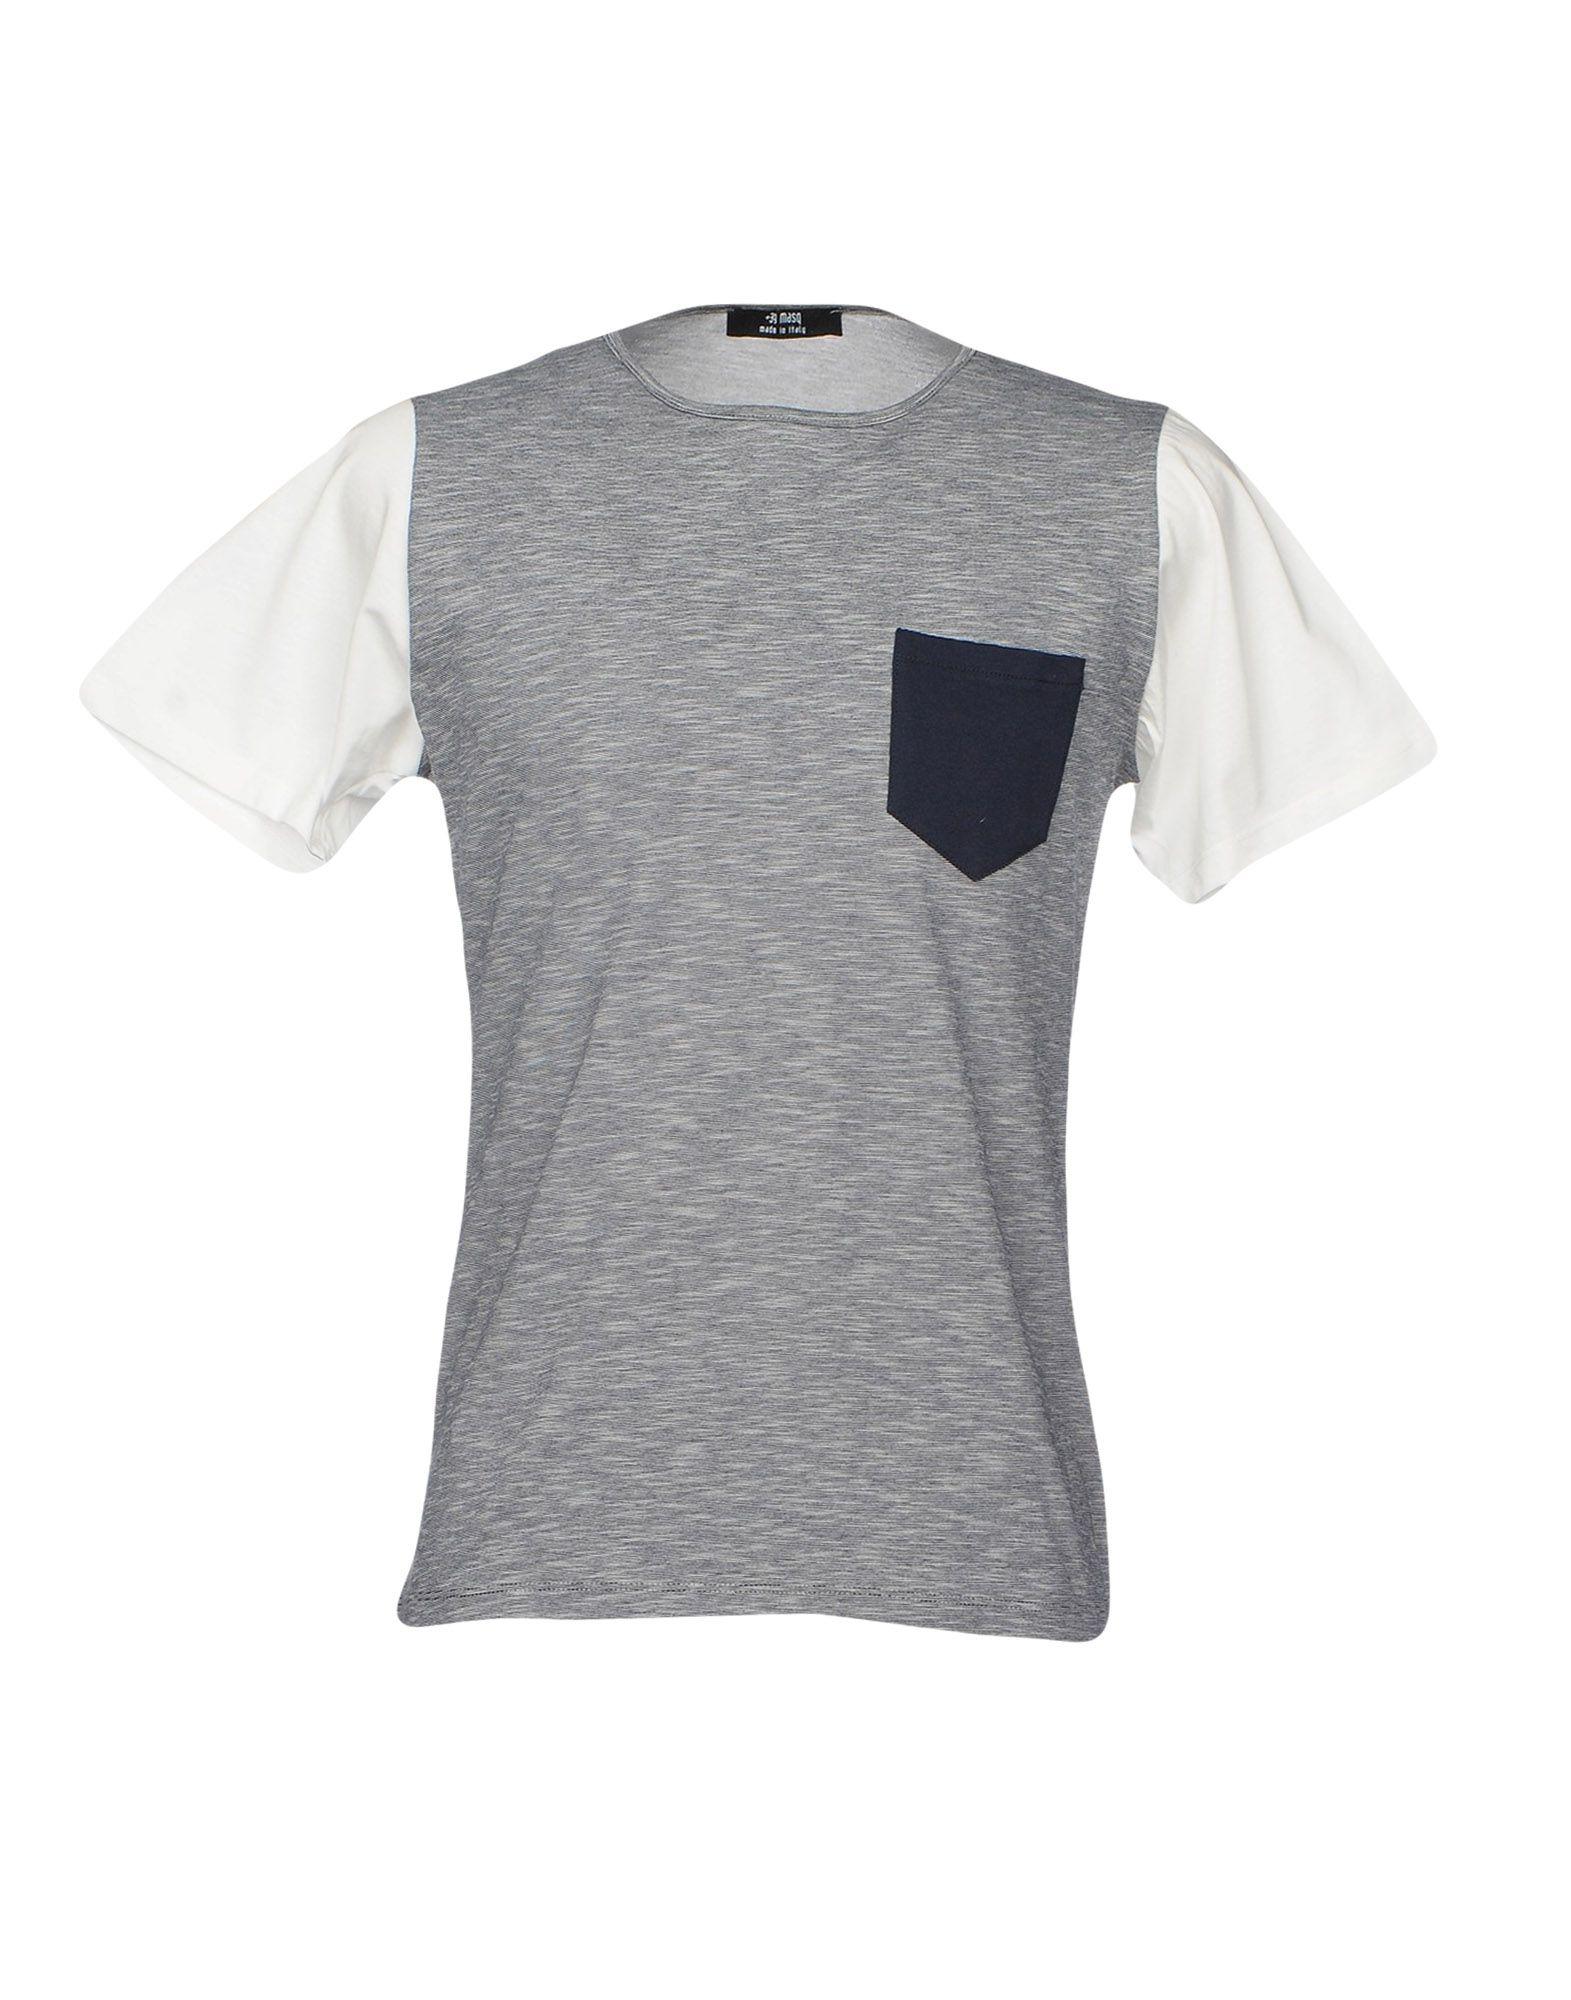 T-Shirt +39 Masq herren - 12114712H